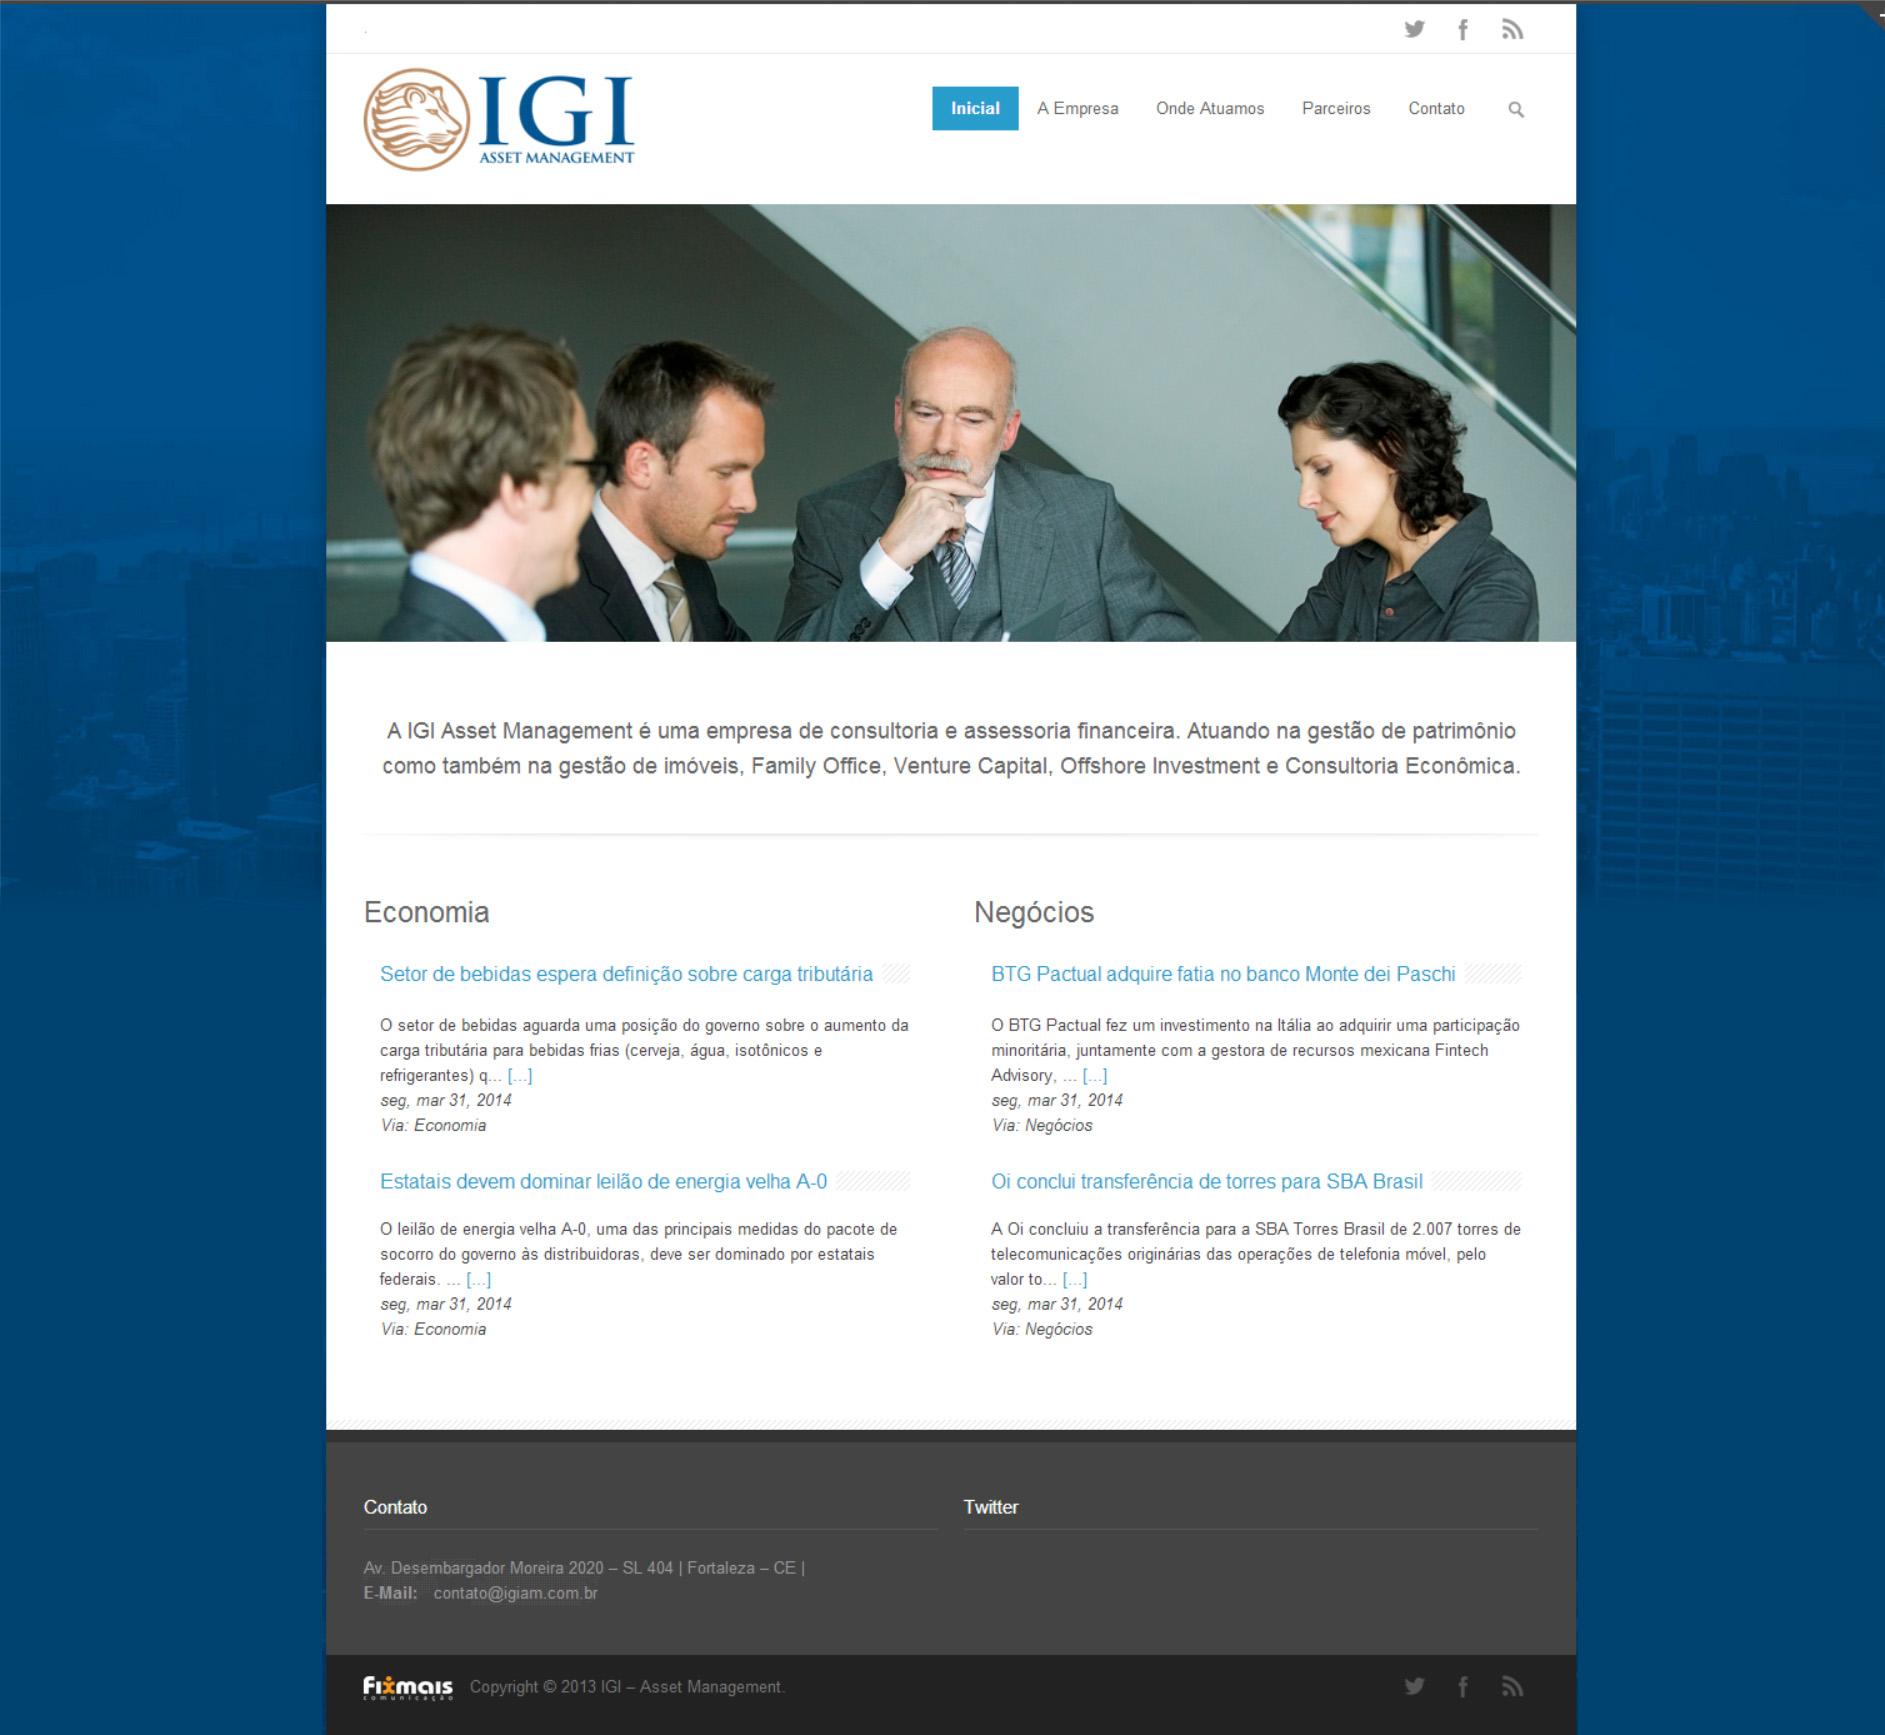 IGI – Asset Management